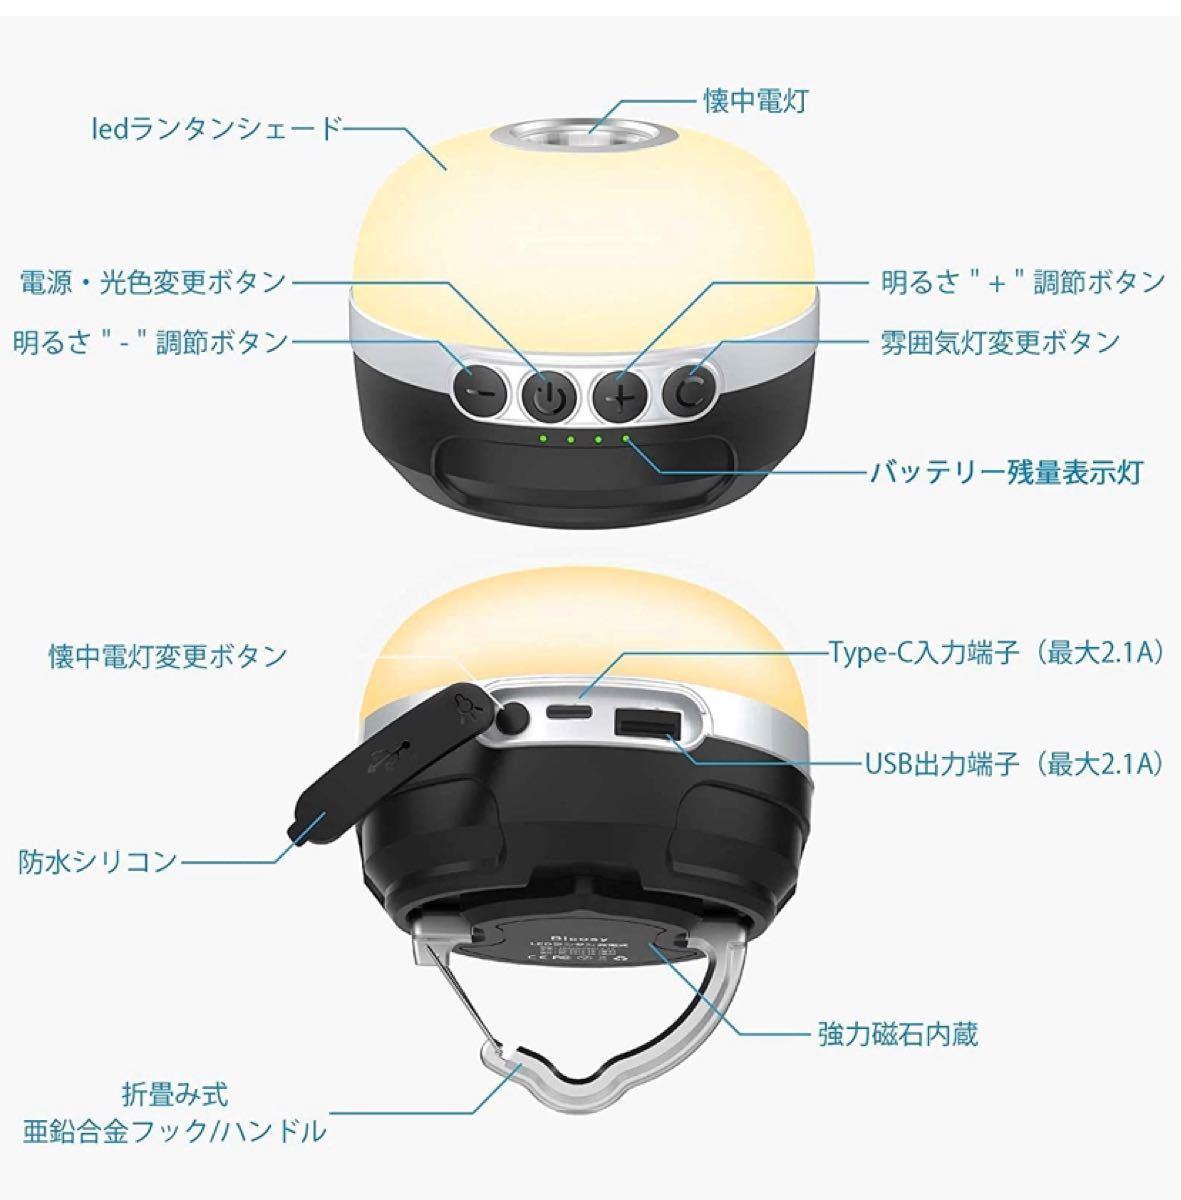 ランタン LED充電式 懐中電灯 四色切替+RGB雰囲気灯 大容量電池 防水